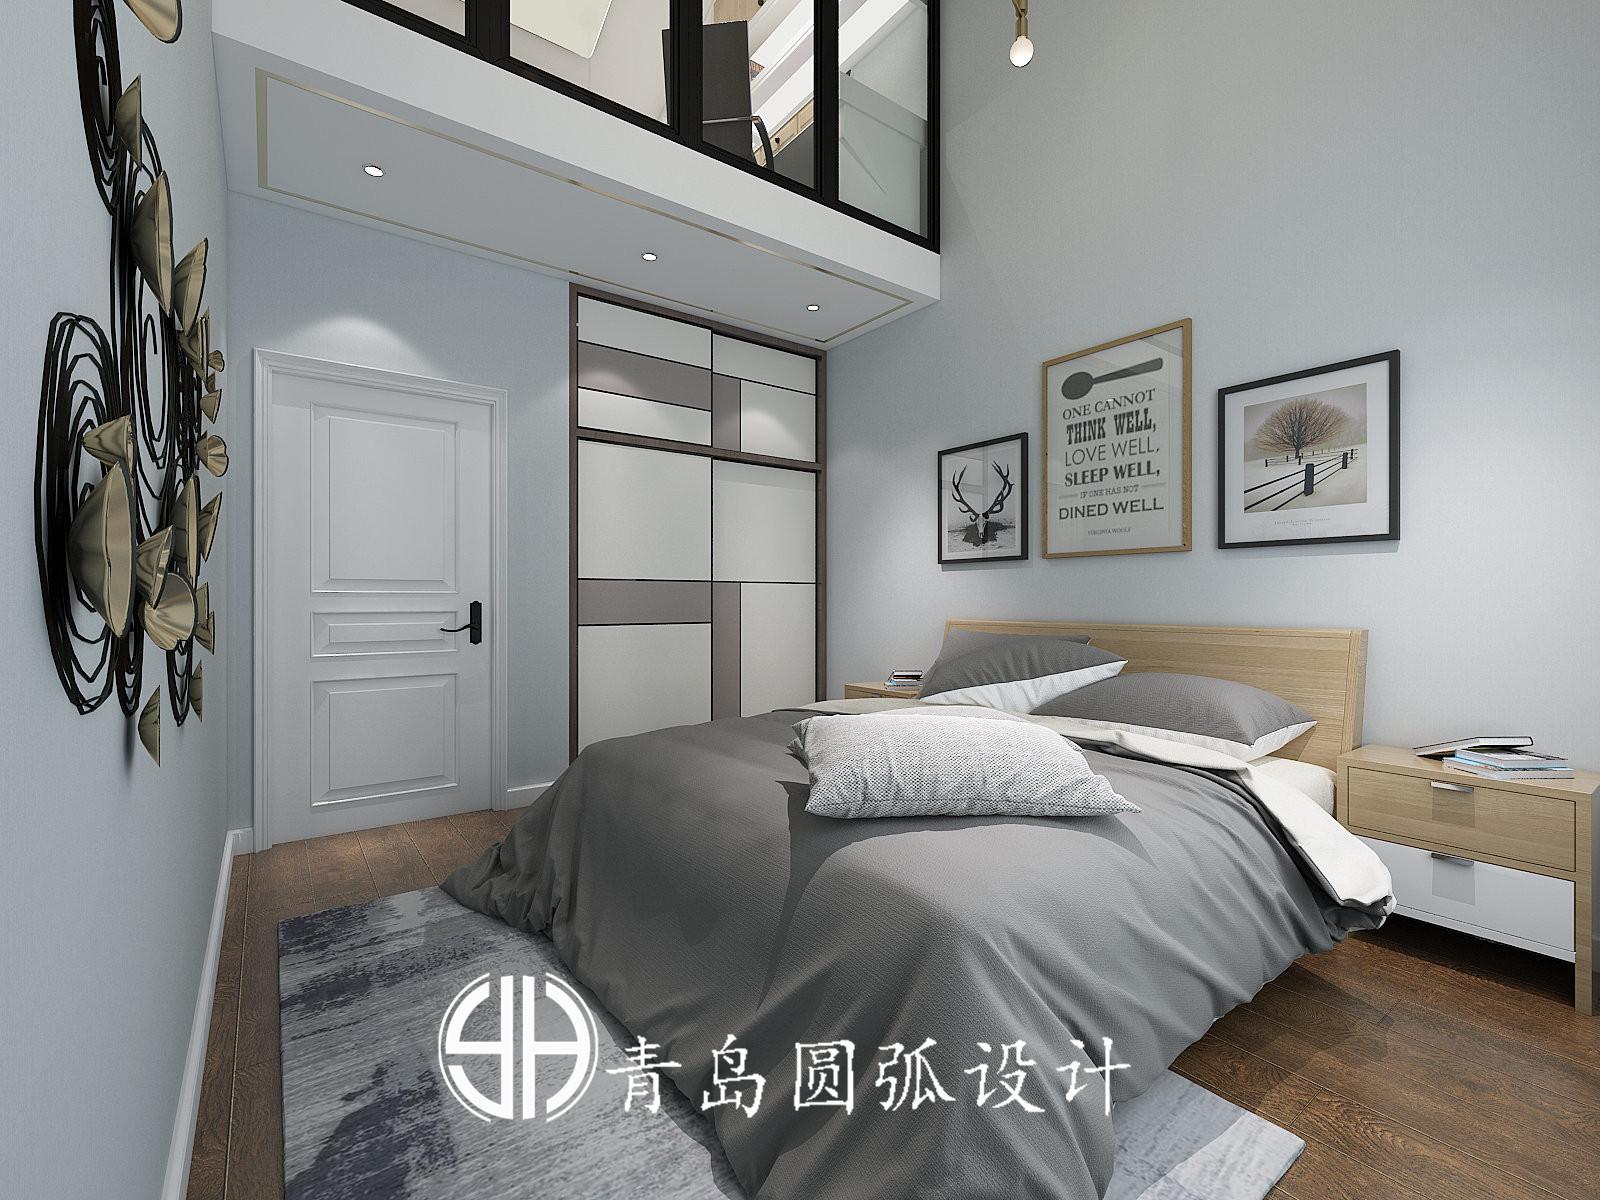 香港中路单身公寓现代简约装修效果图实景图